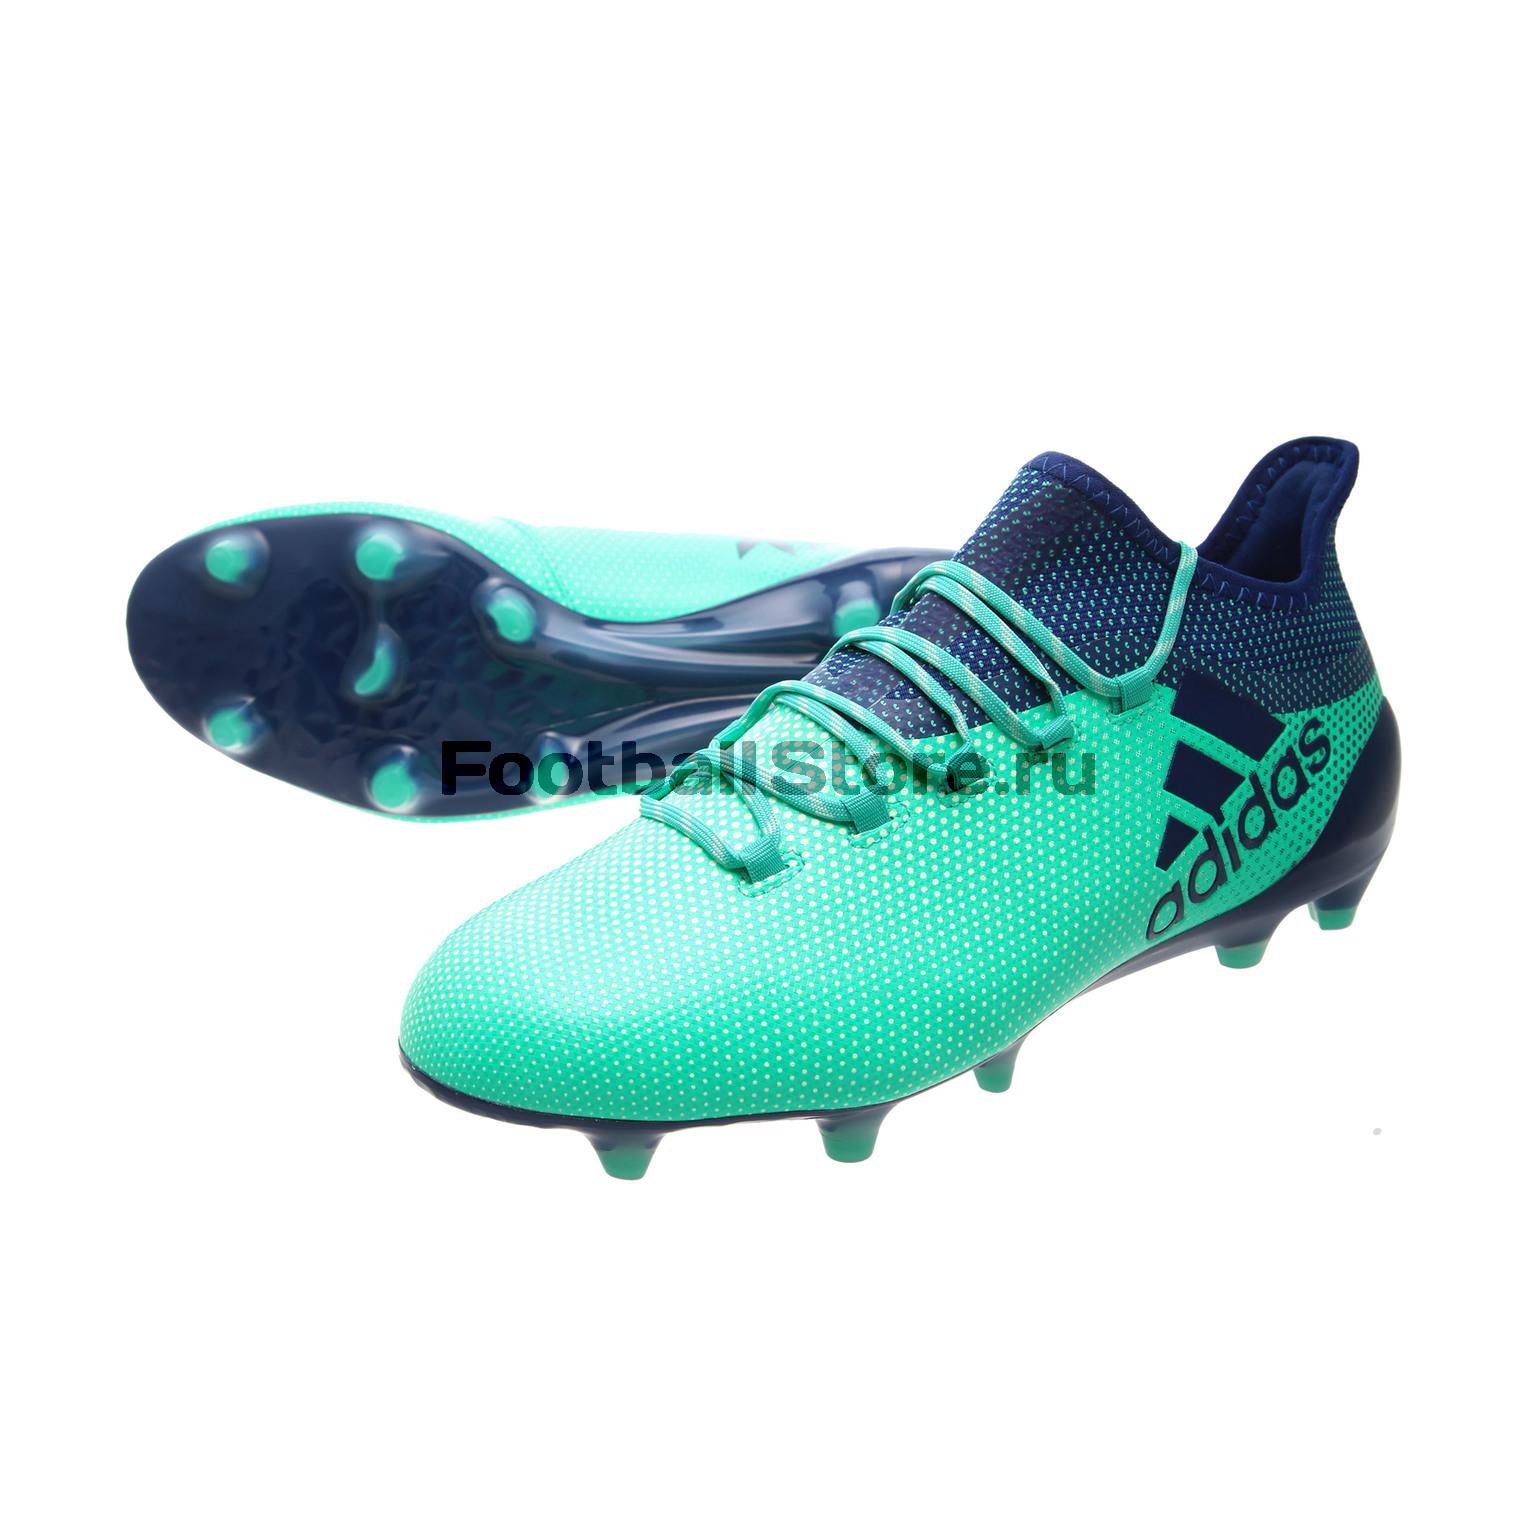 0ad75f51 Бутсы Adidas X 17.1 FG CP9163 – купить бутсы в интернет магазине ...